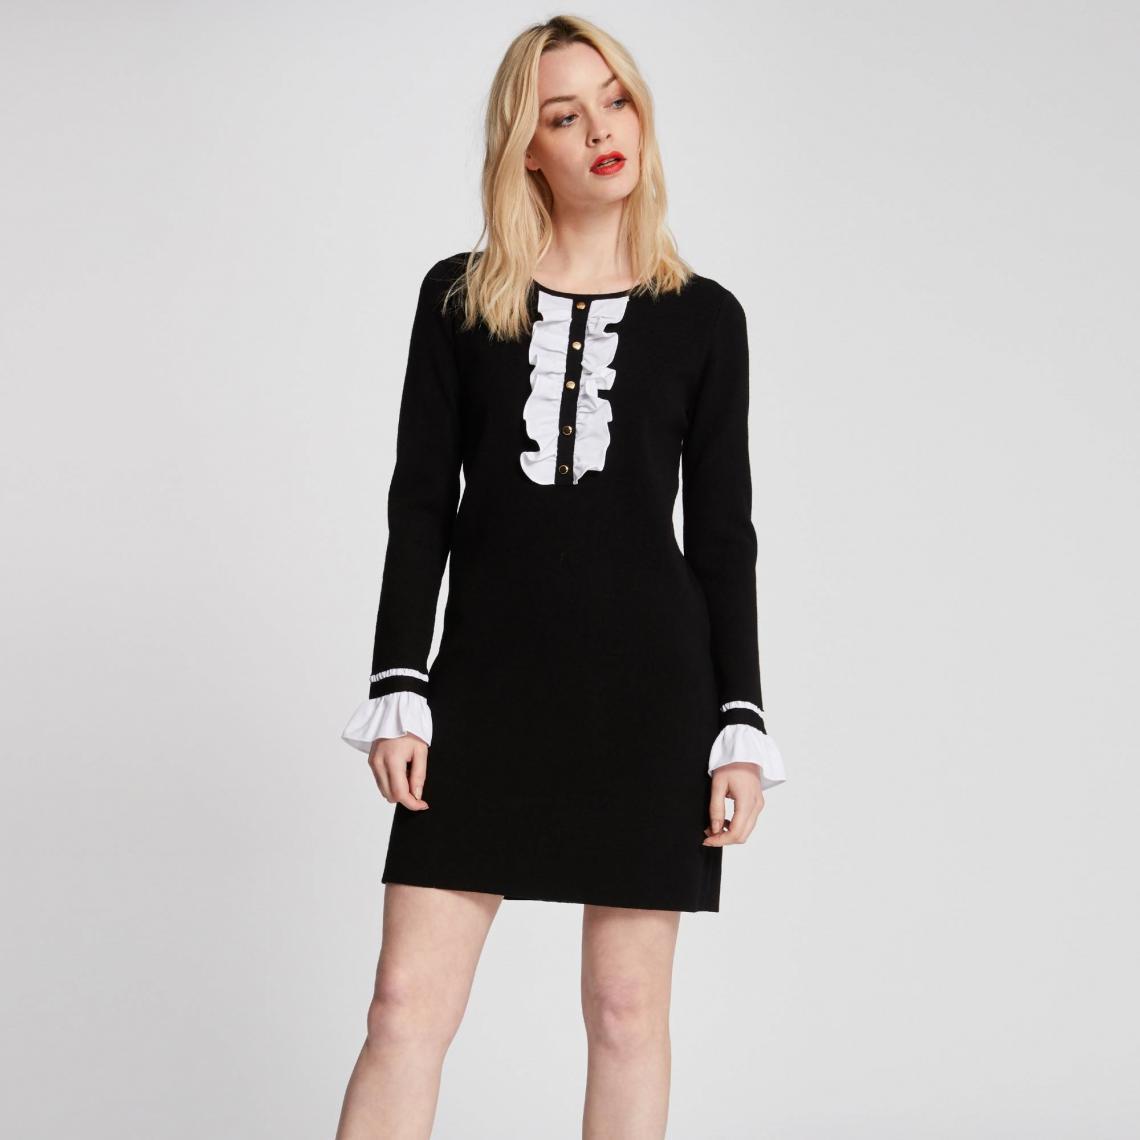 Robe Dorés Avec Boutons 3suisses Et Jabot Noir prTw8Ipq